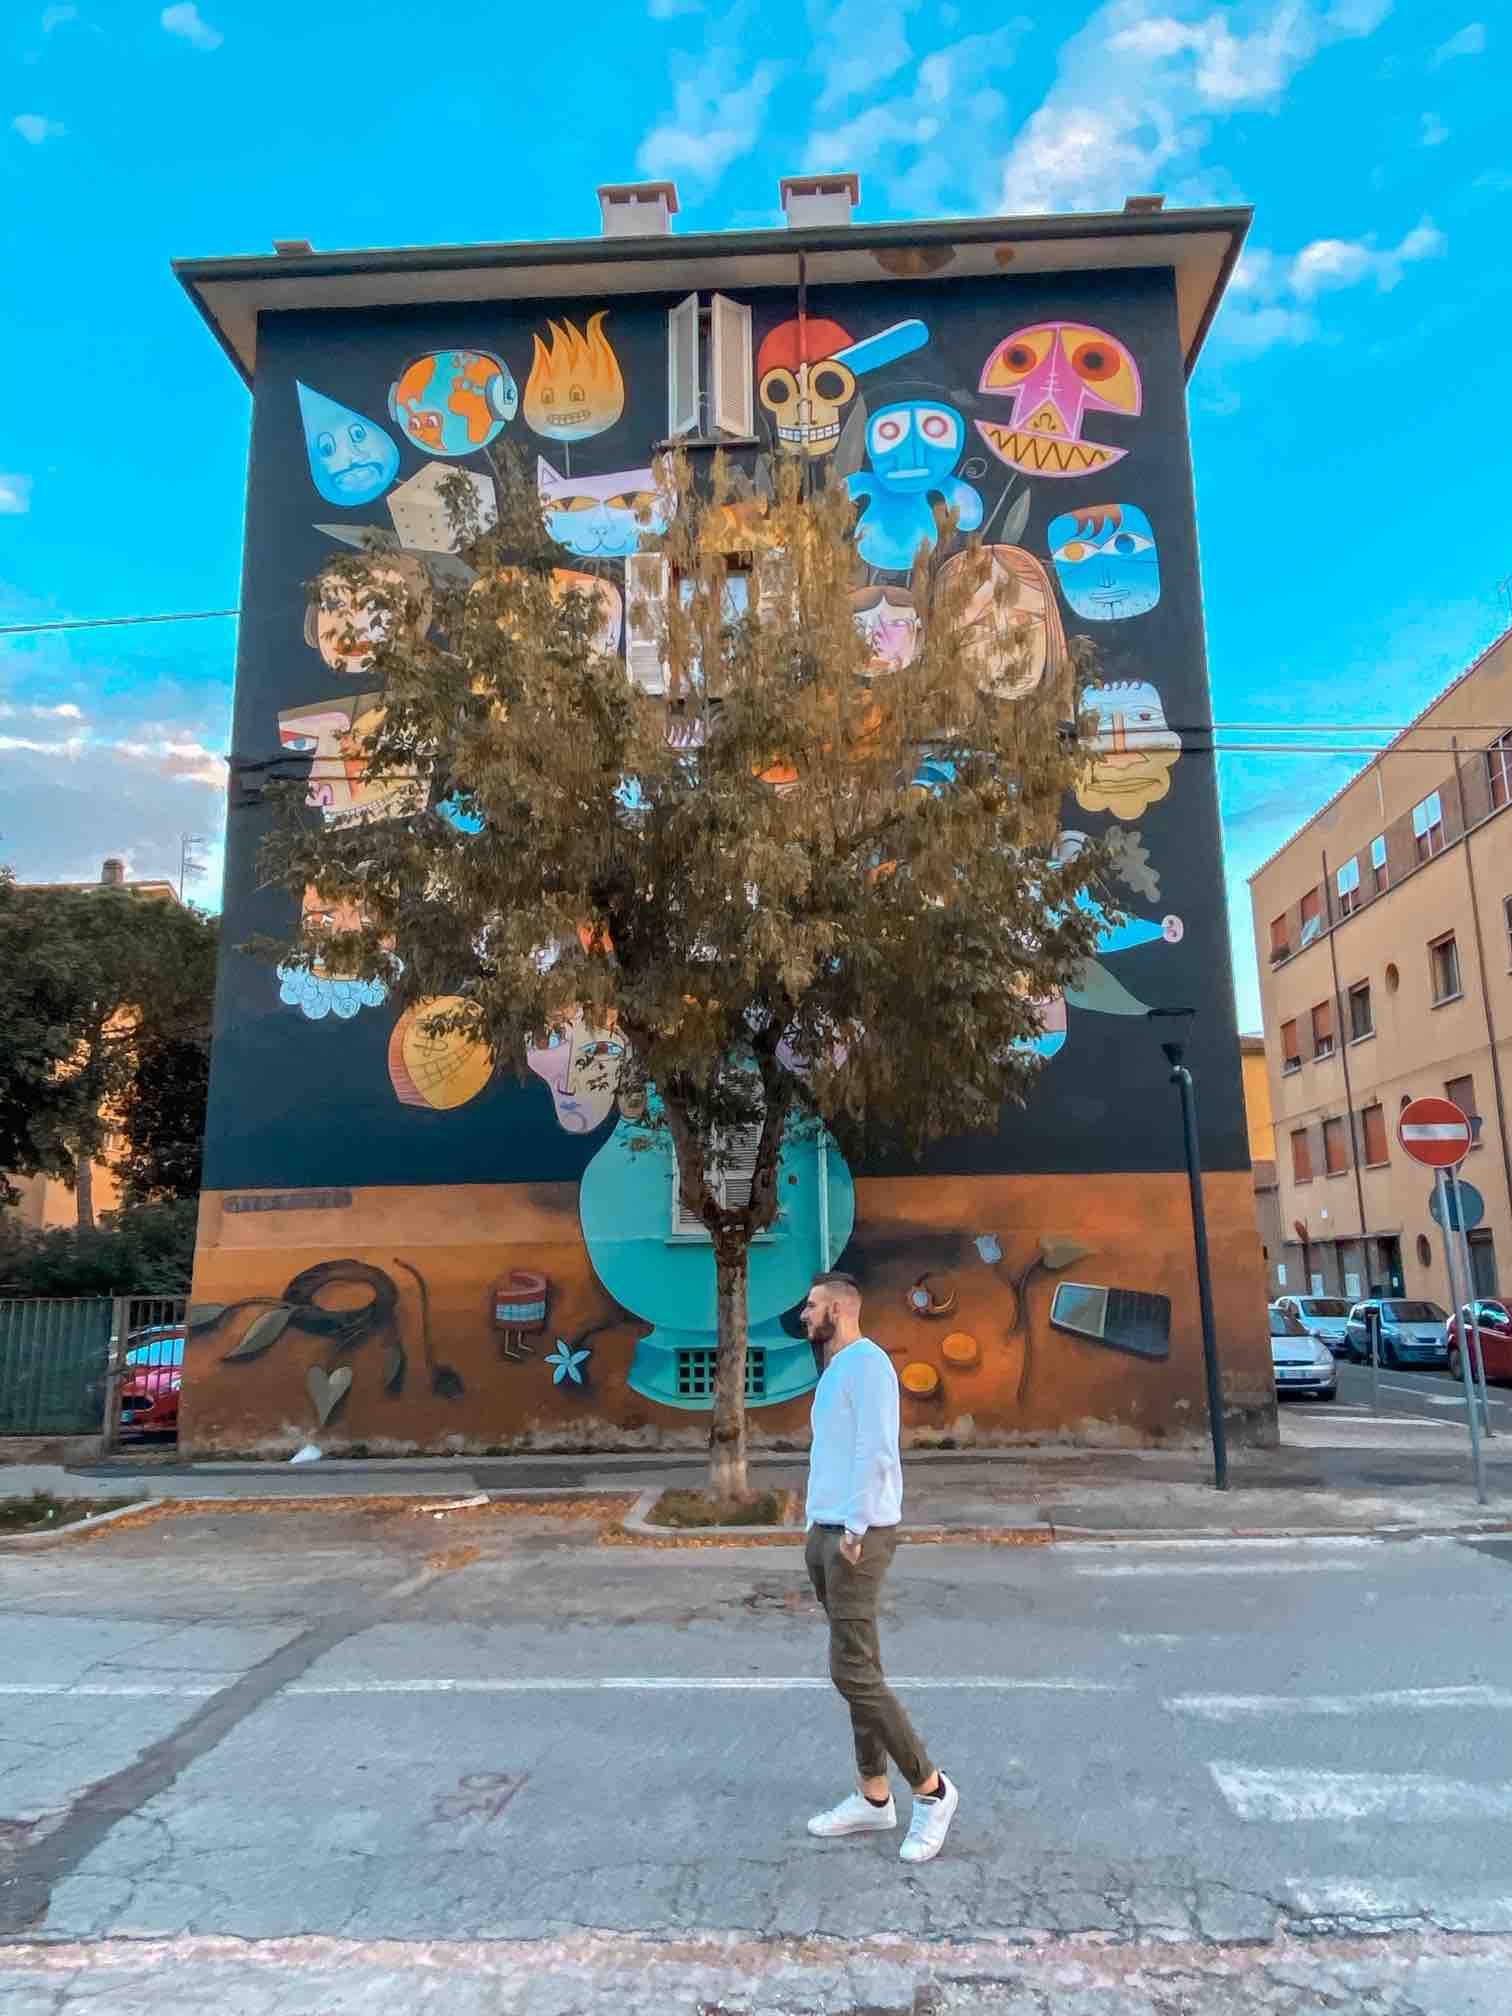 Ragazzo ammira un murales da vedere in due giorni a Ravenna